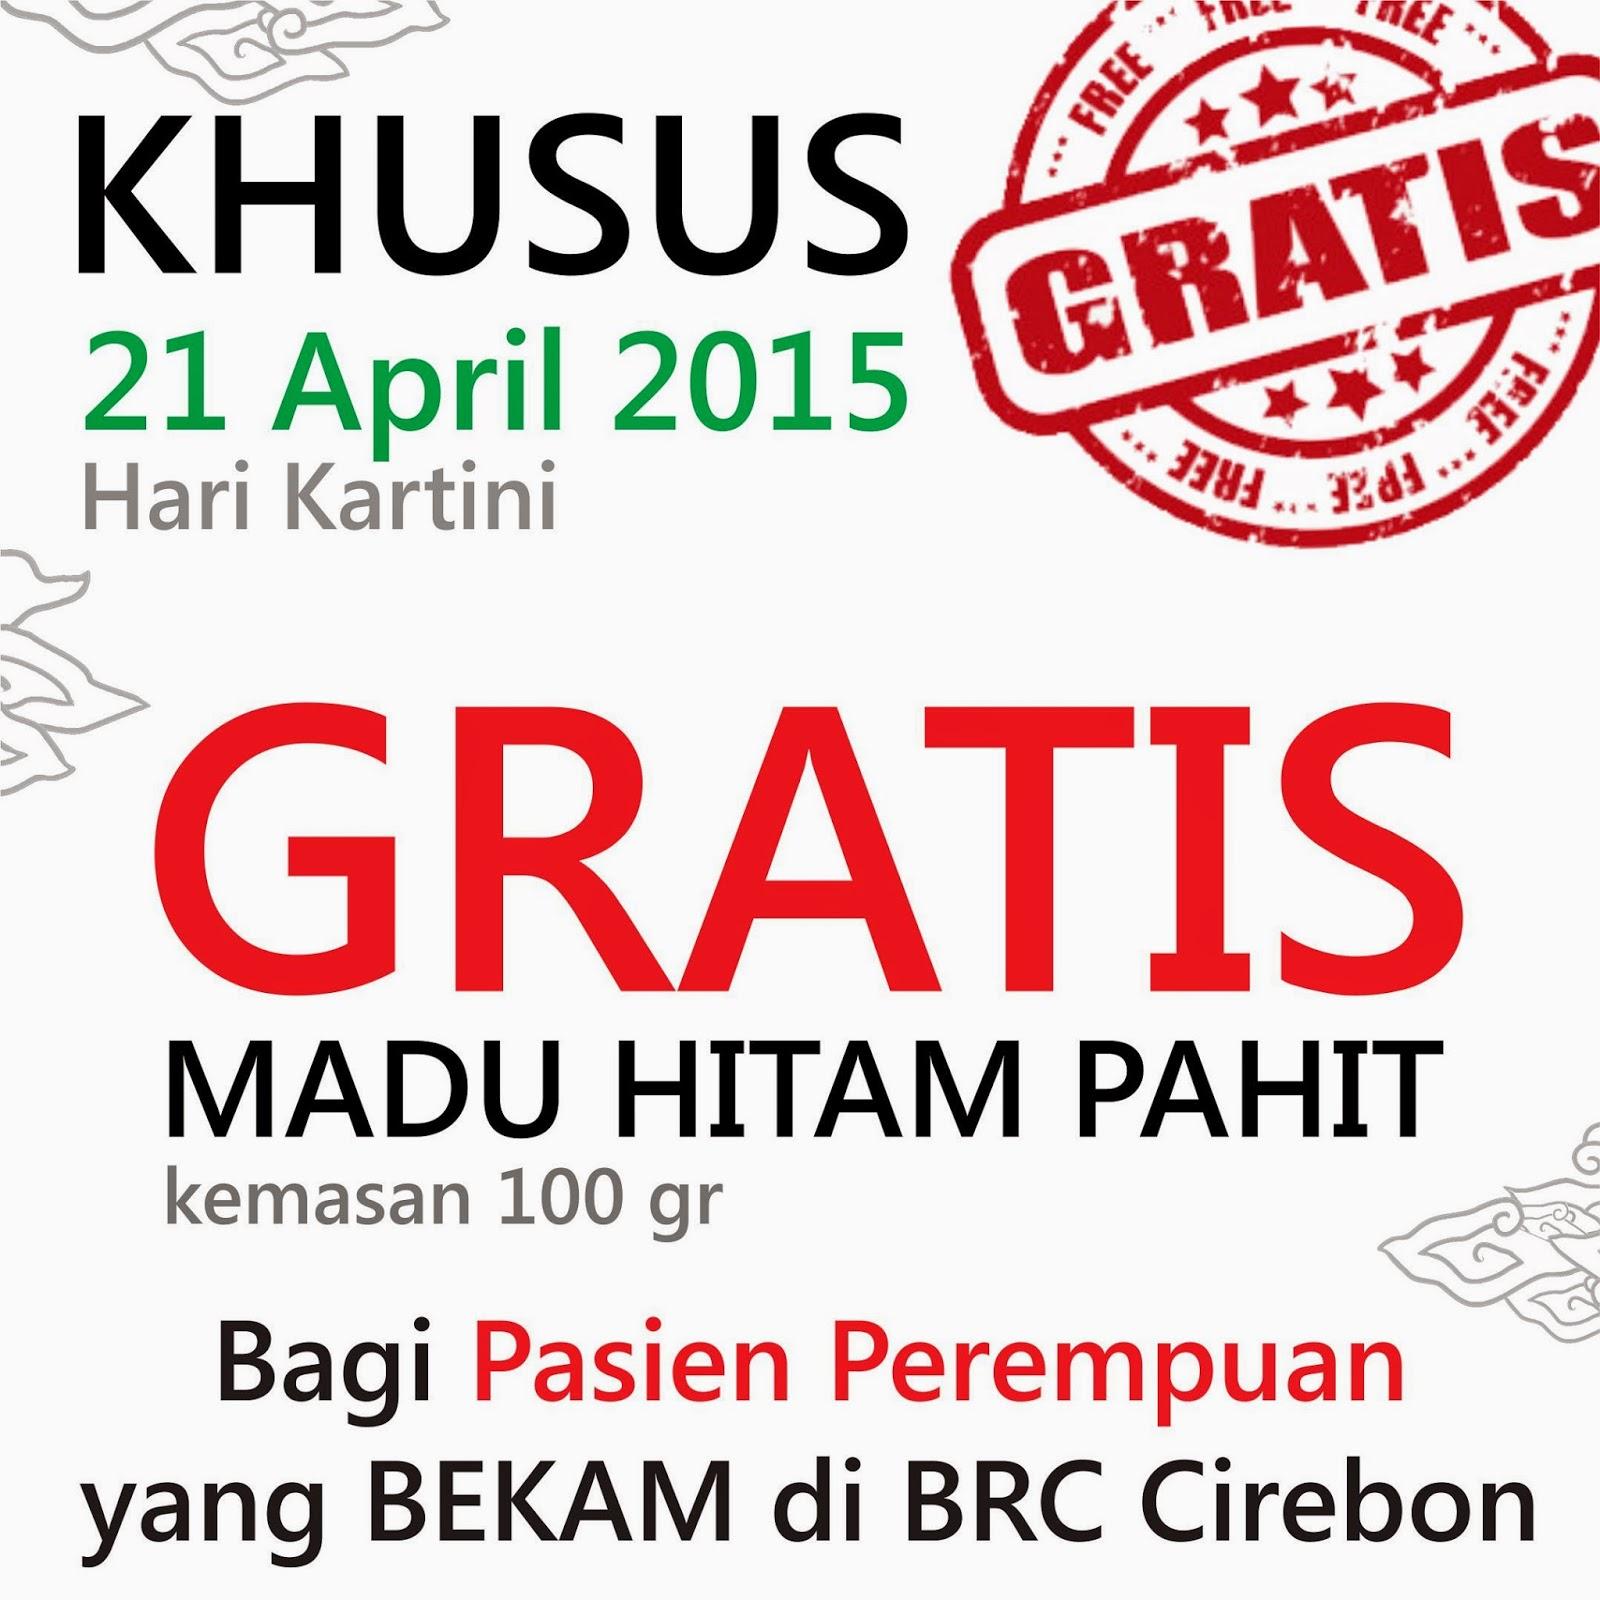 Pusat Bekam Gurah Ruqyah Herbal Sedot Terapi Lintah di Cirebon Indramayu Kuningan Majalengka